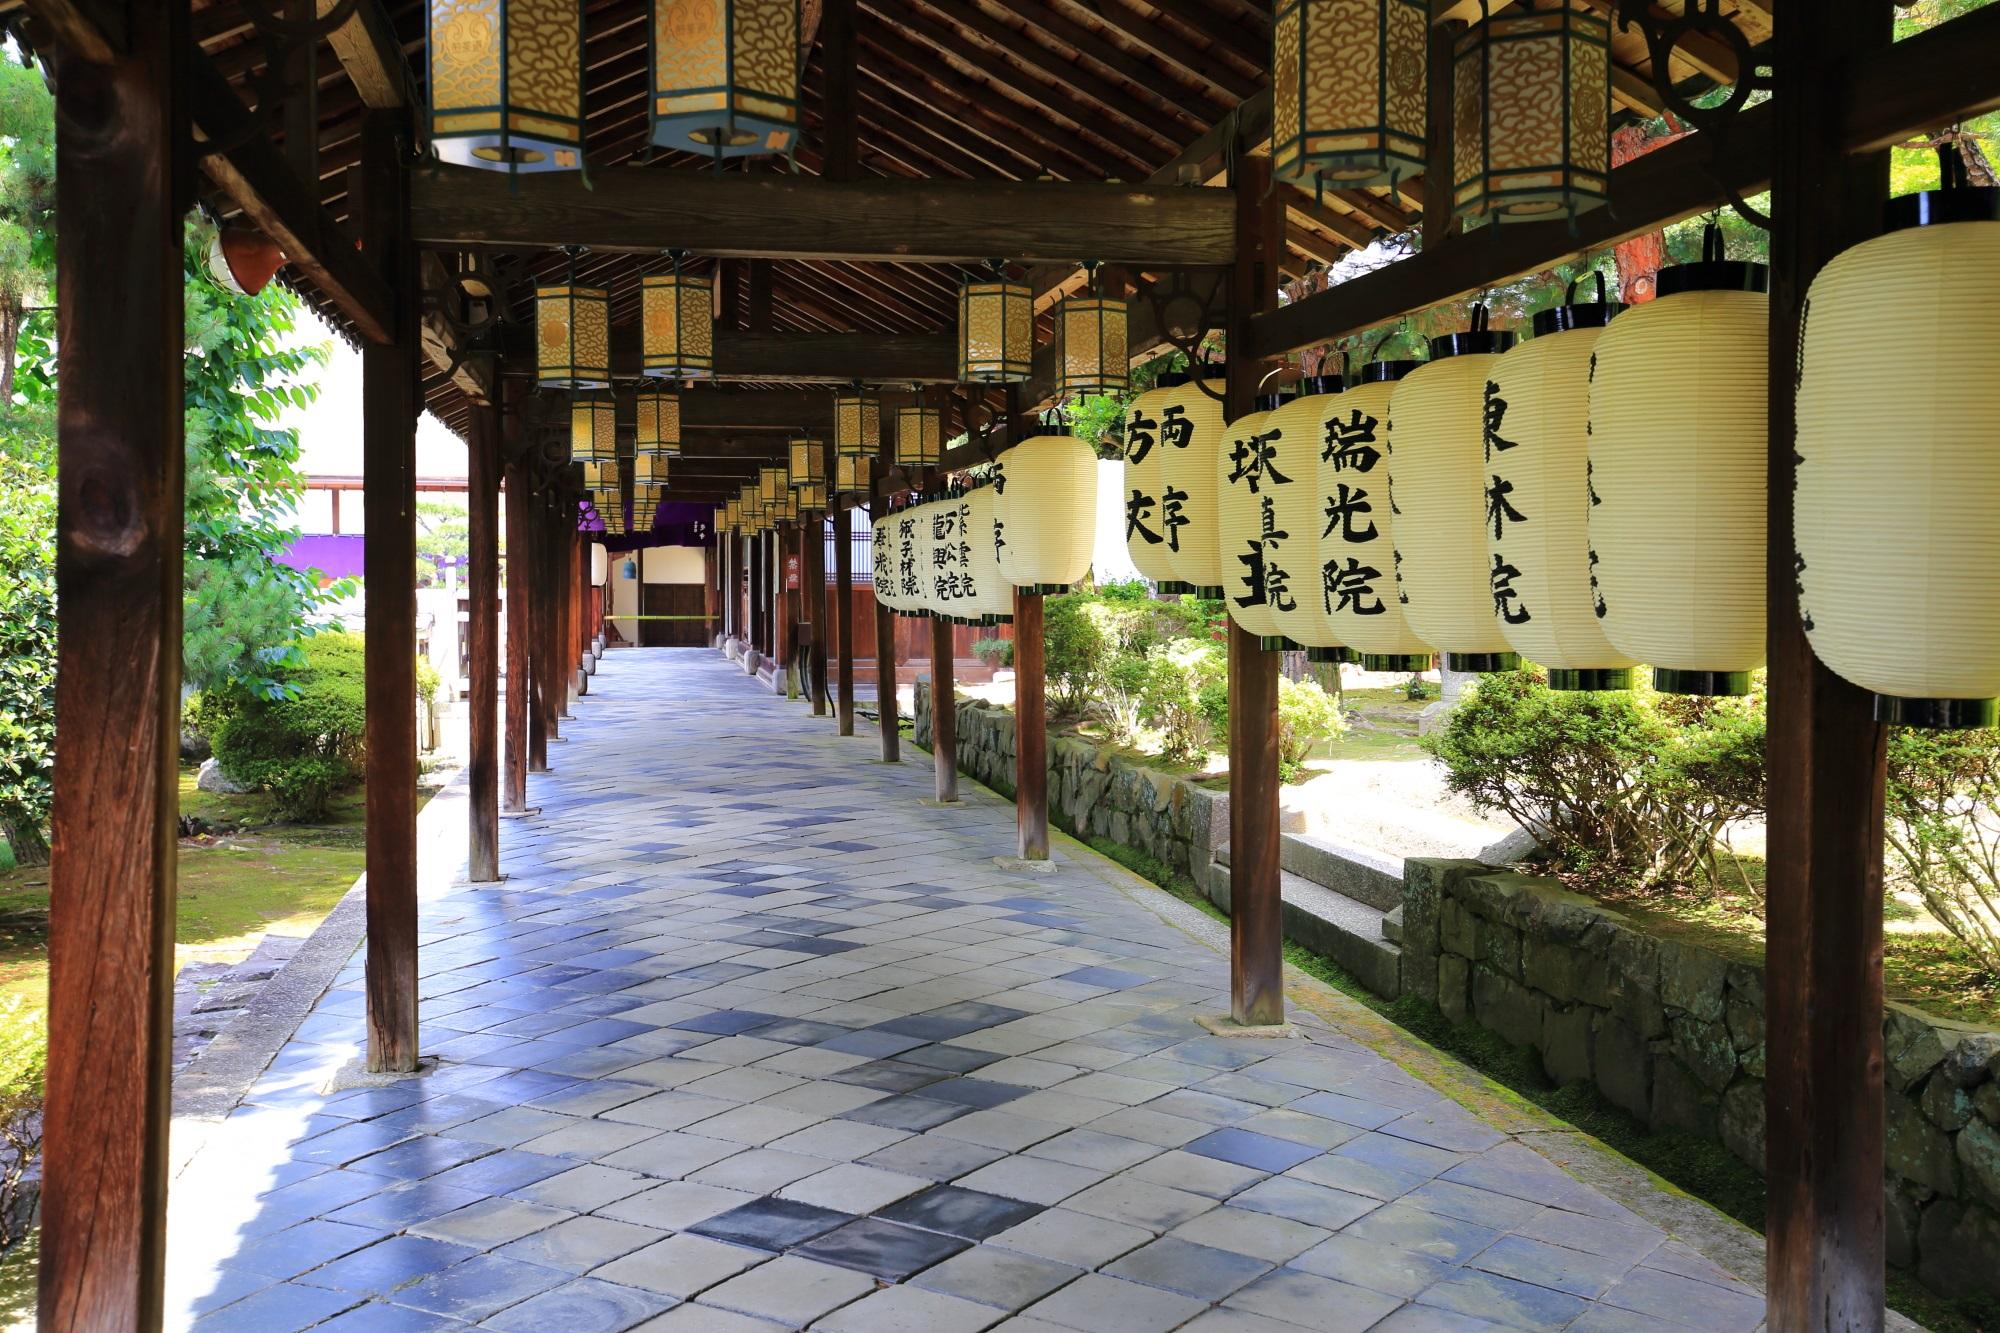 伽藍をつなぐ萬福寺の趣きある回廊